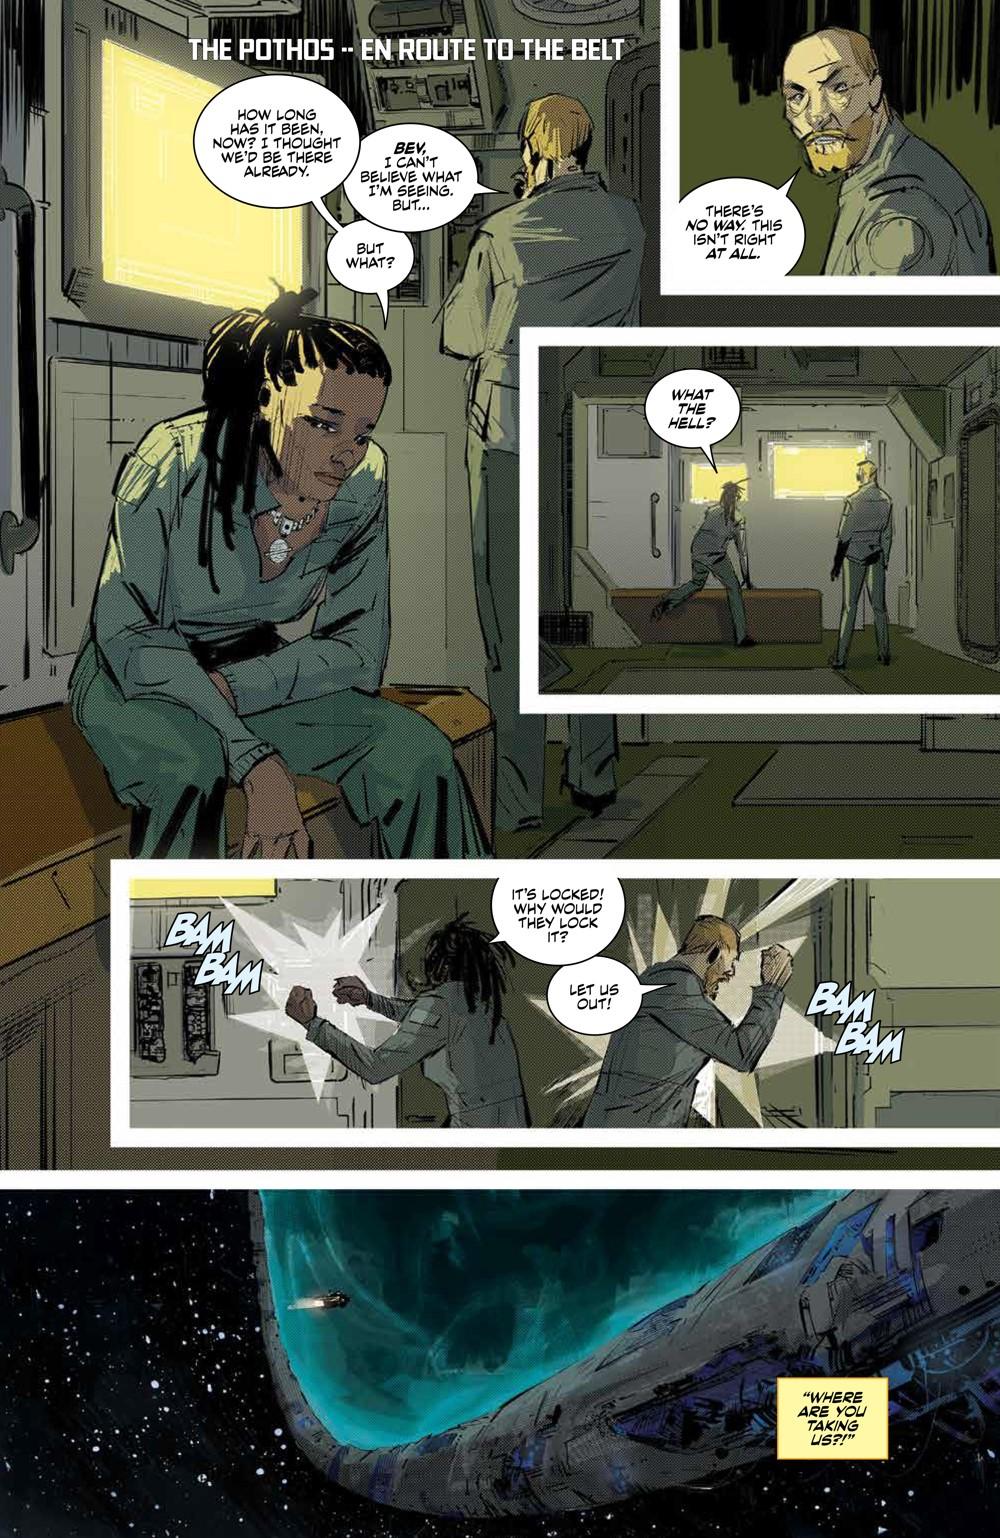 Expanse_SC_PRESS_9 ComicList Previews: THE EXPANSE TP